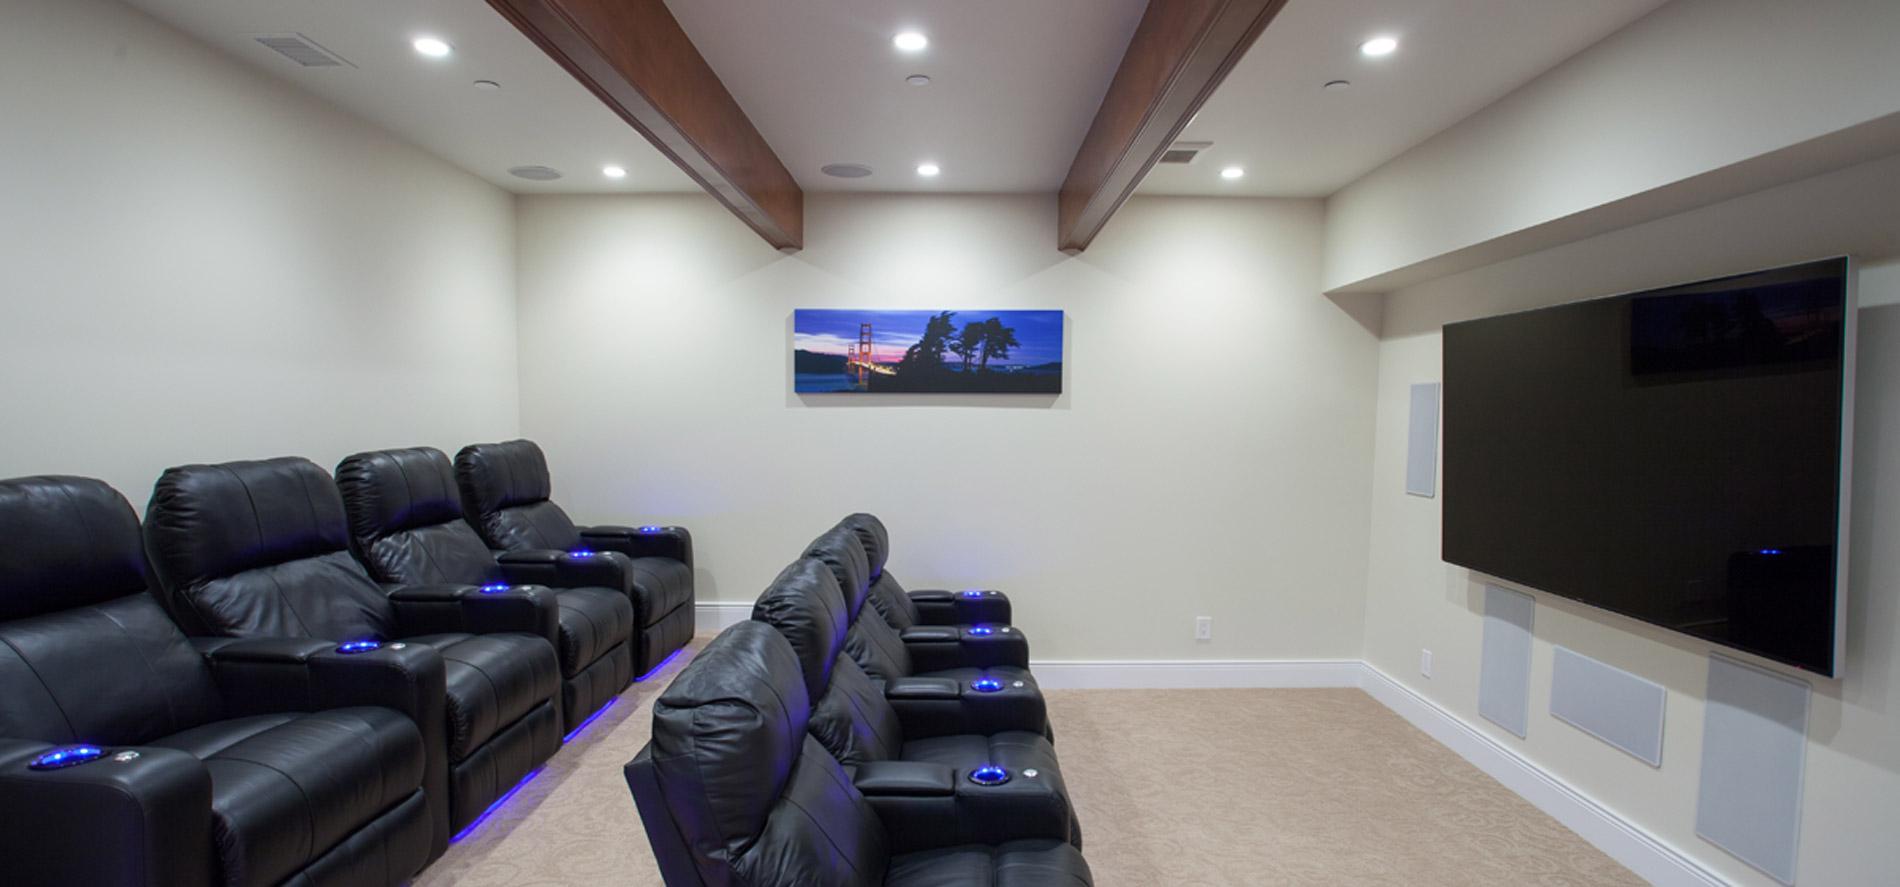 Home Theater - O\'Riordan Construction, Inc.